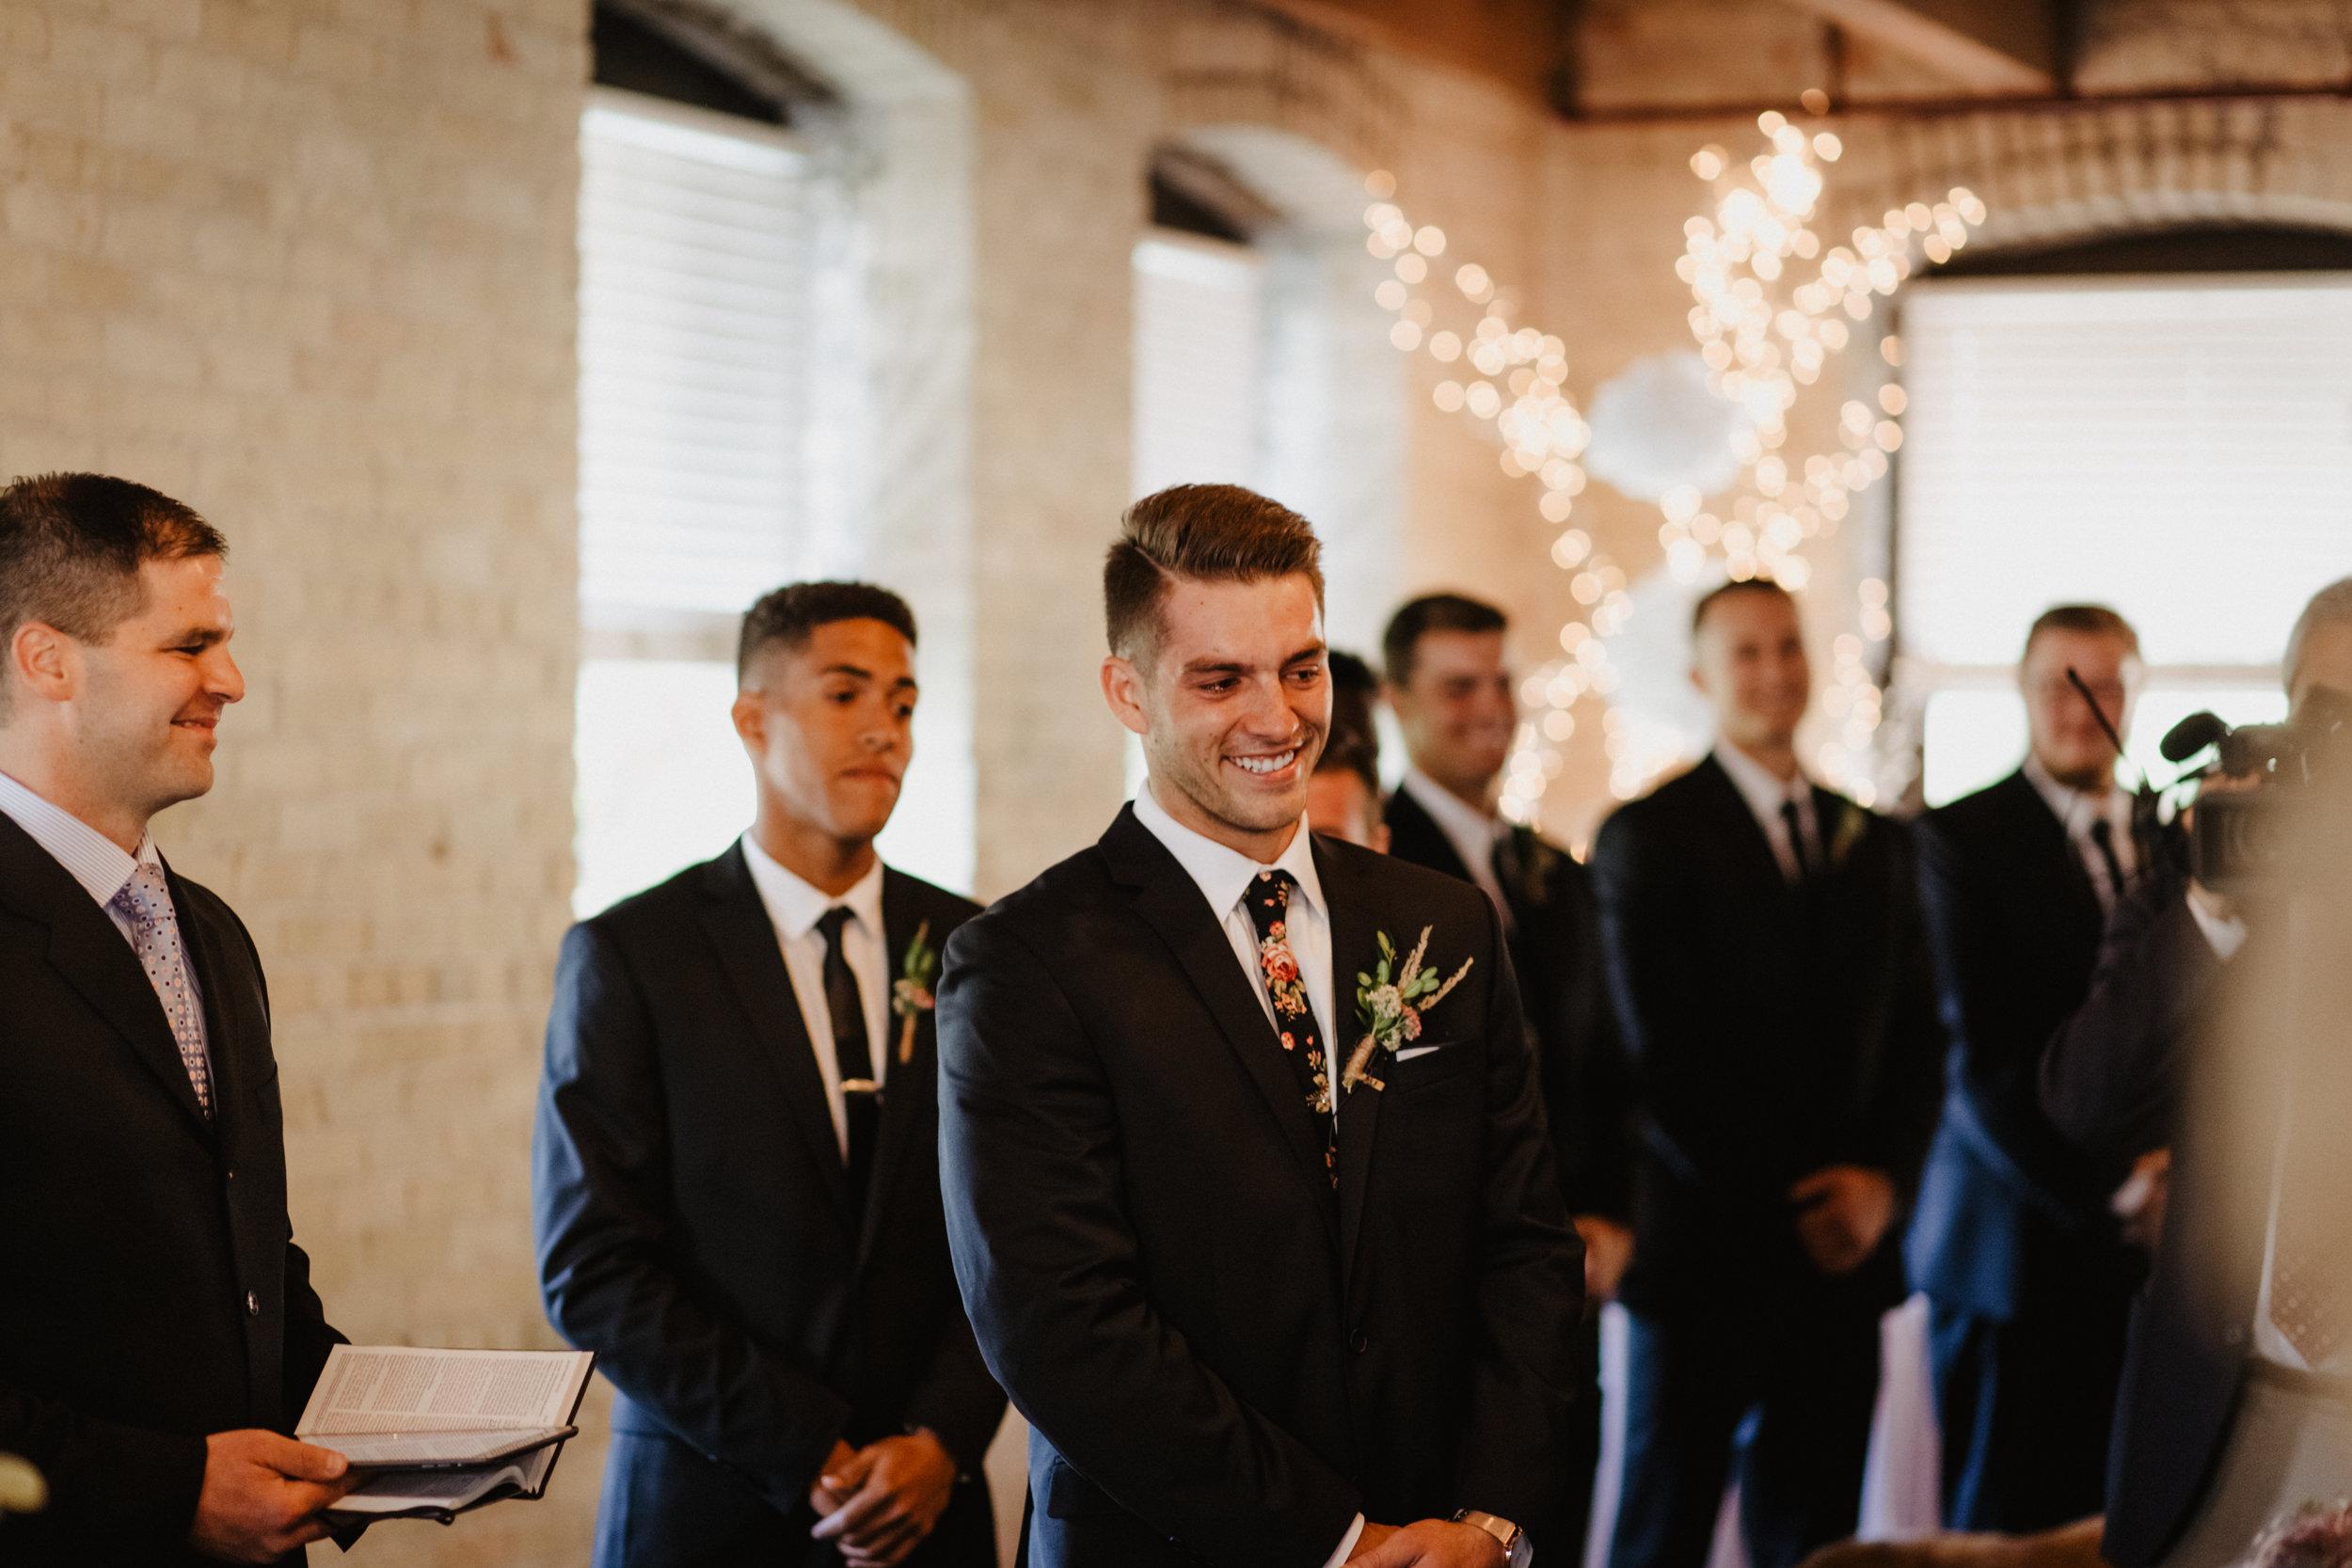 Emotional-Groom-Wedding-Day-03